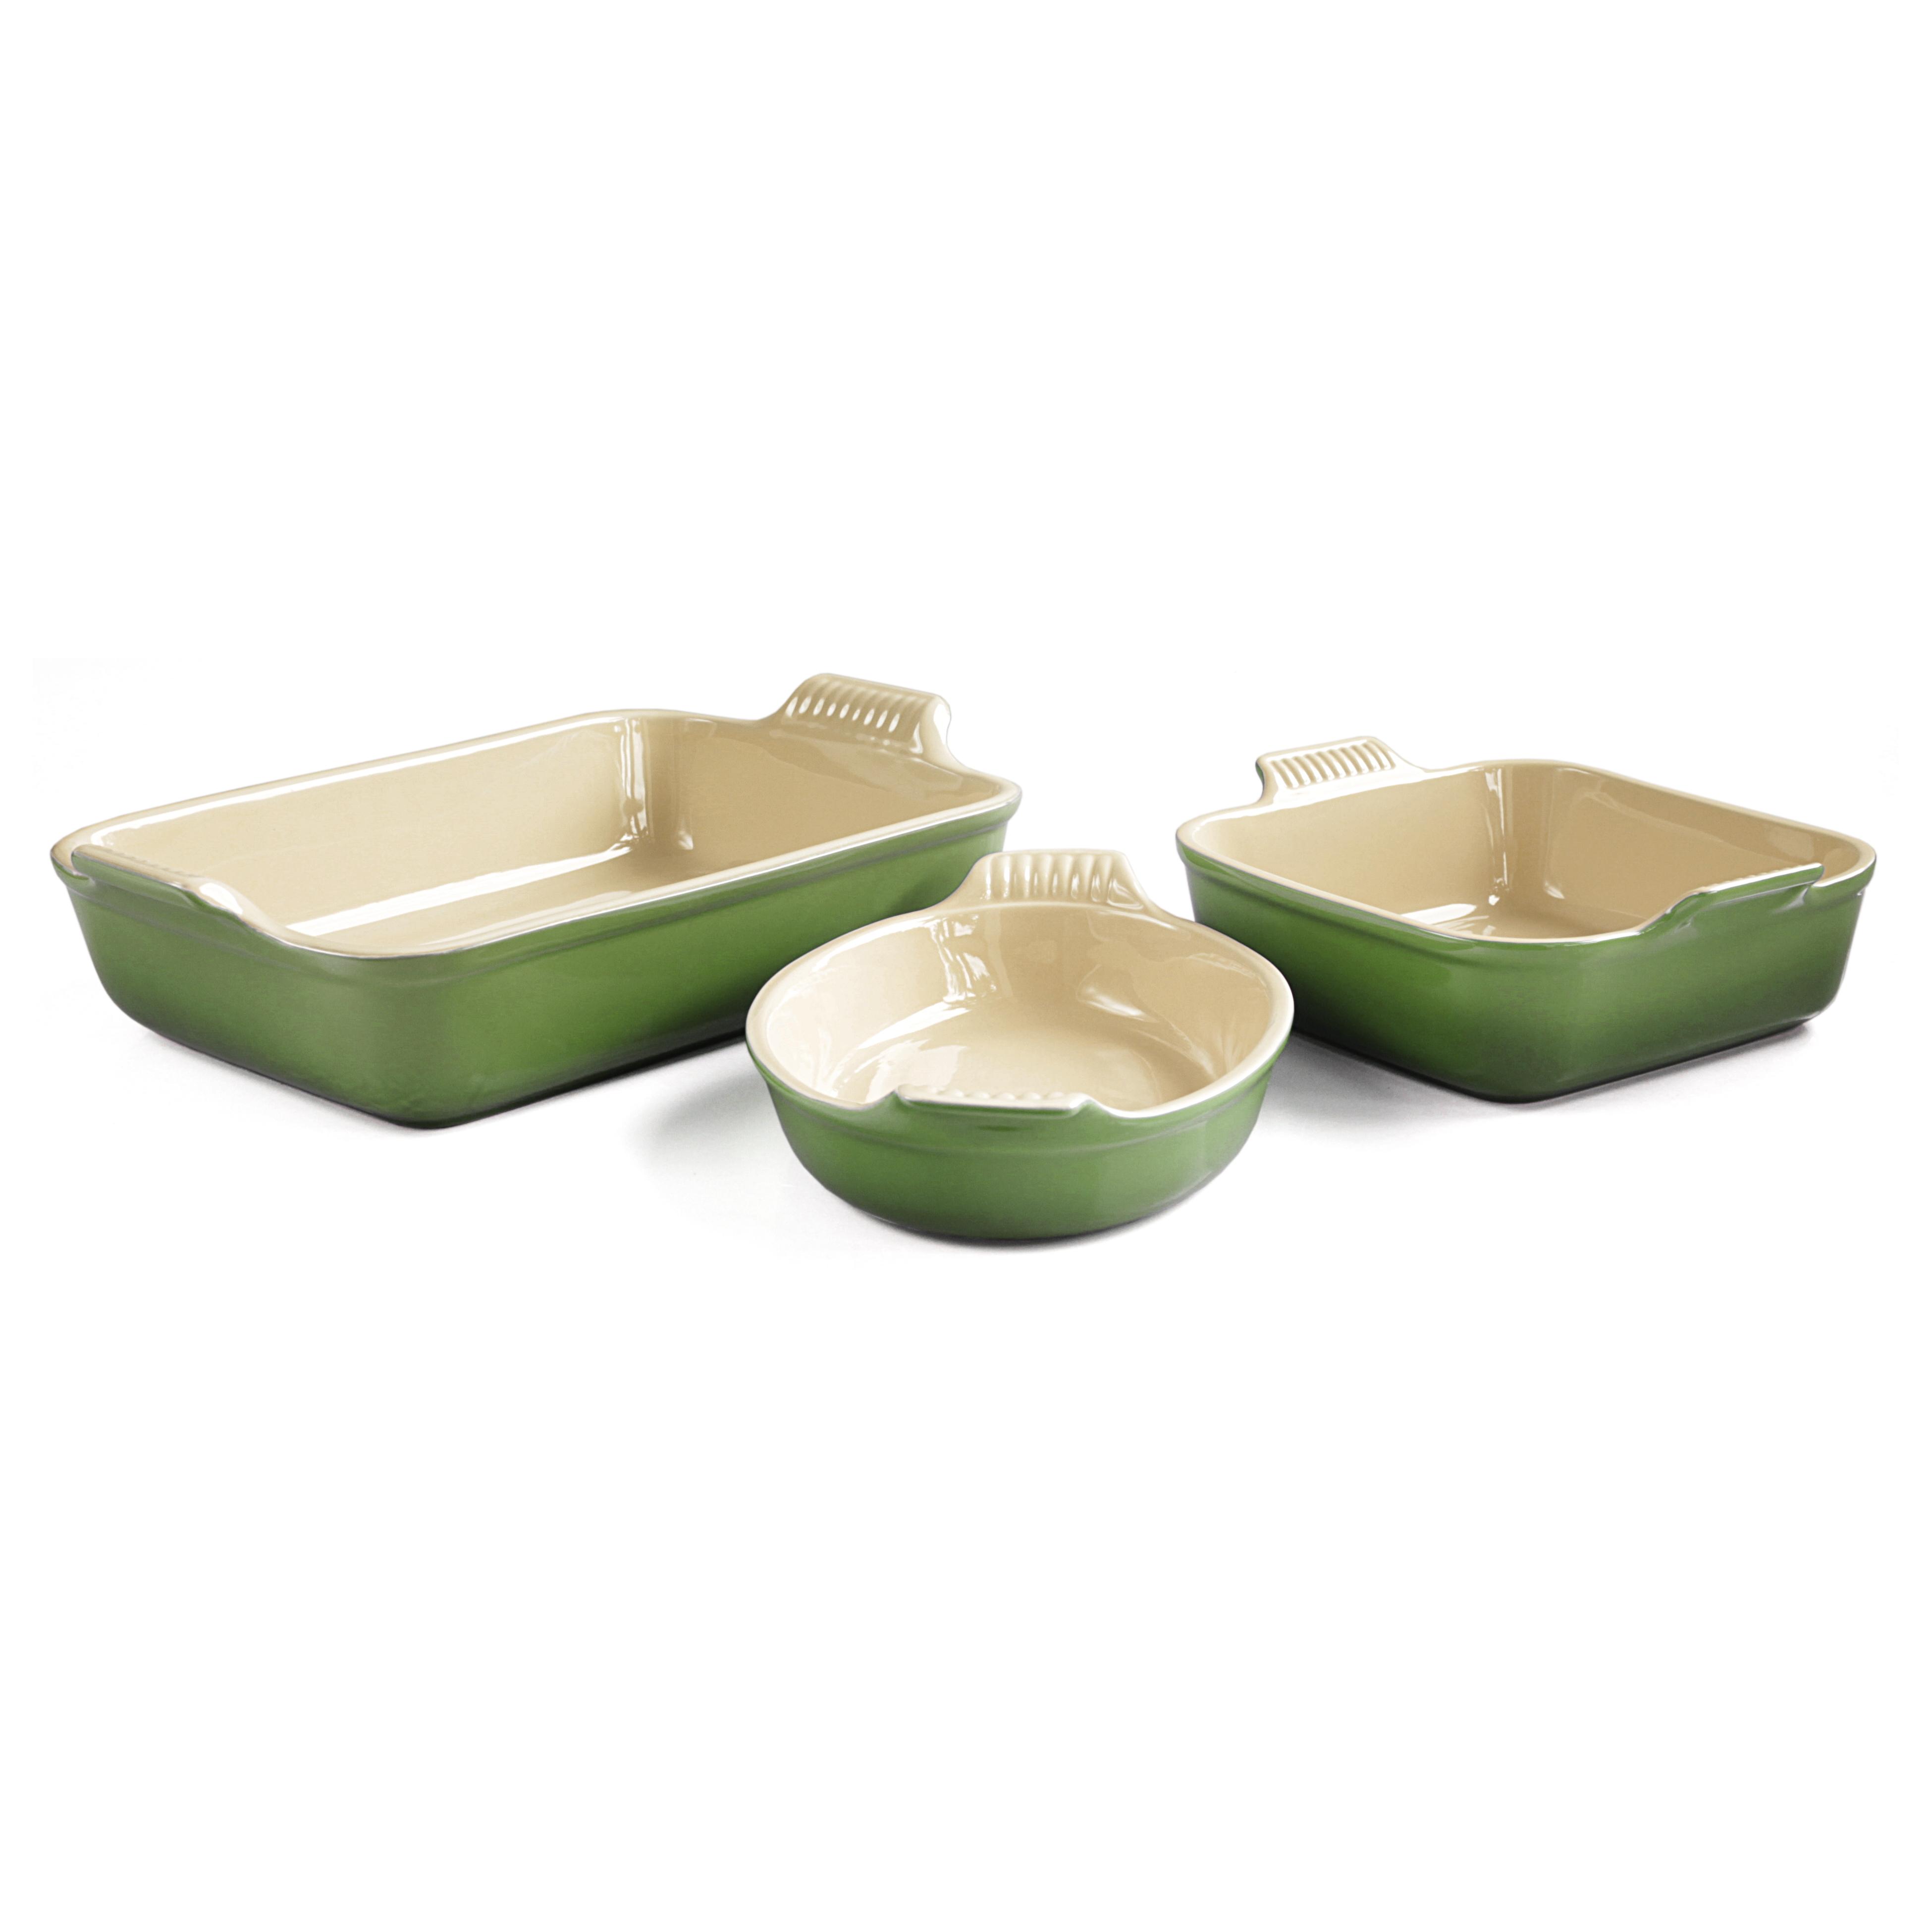 Le Creuset Heritage Palm Stoneware 3 Piece Bakeware Set